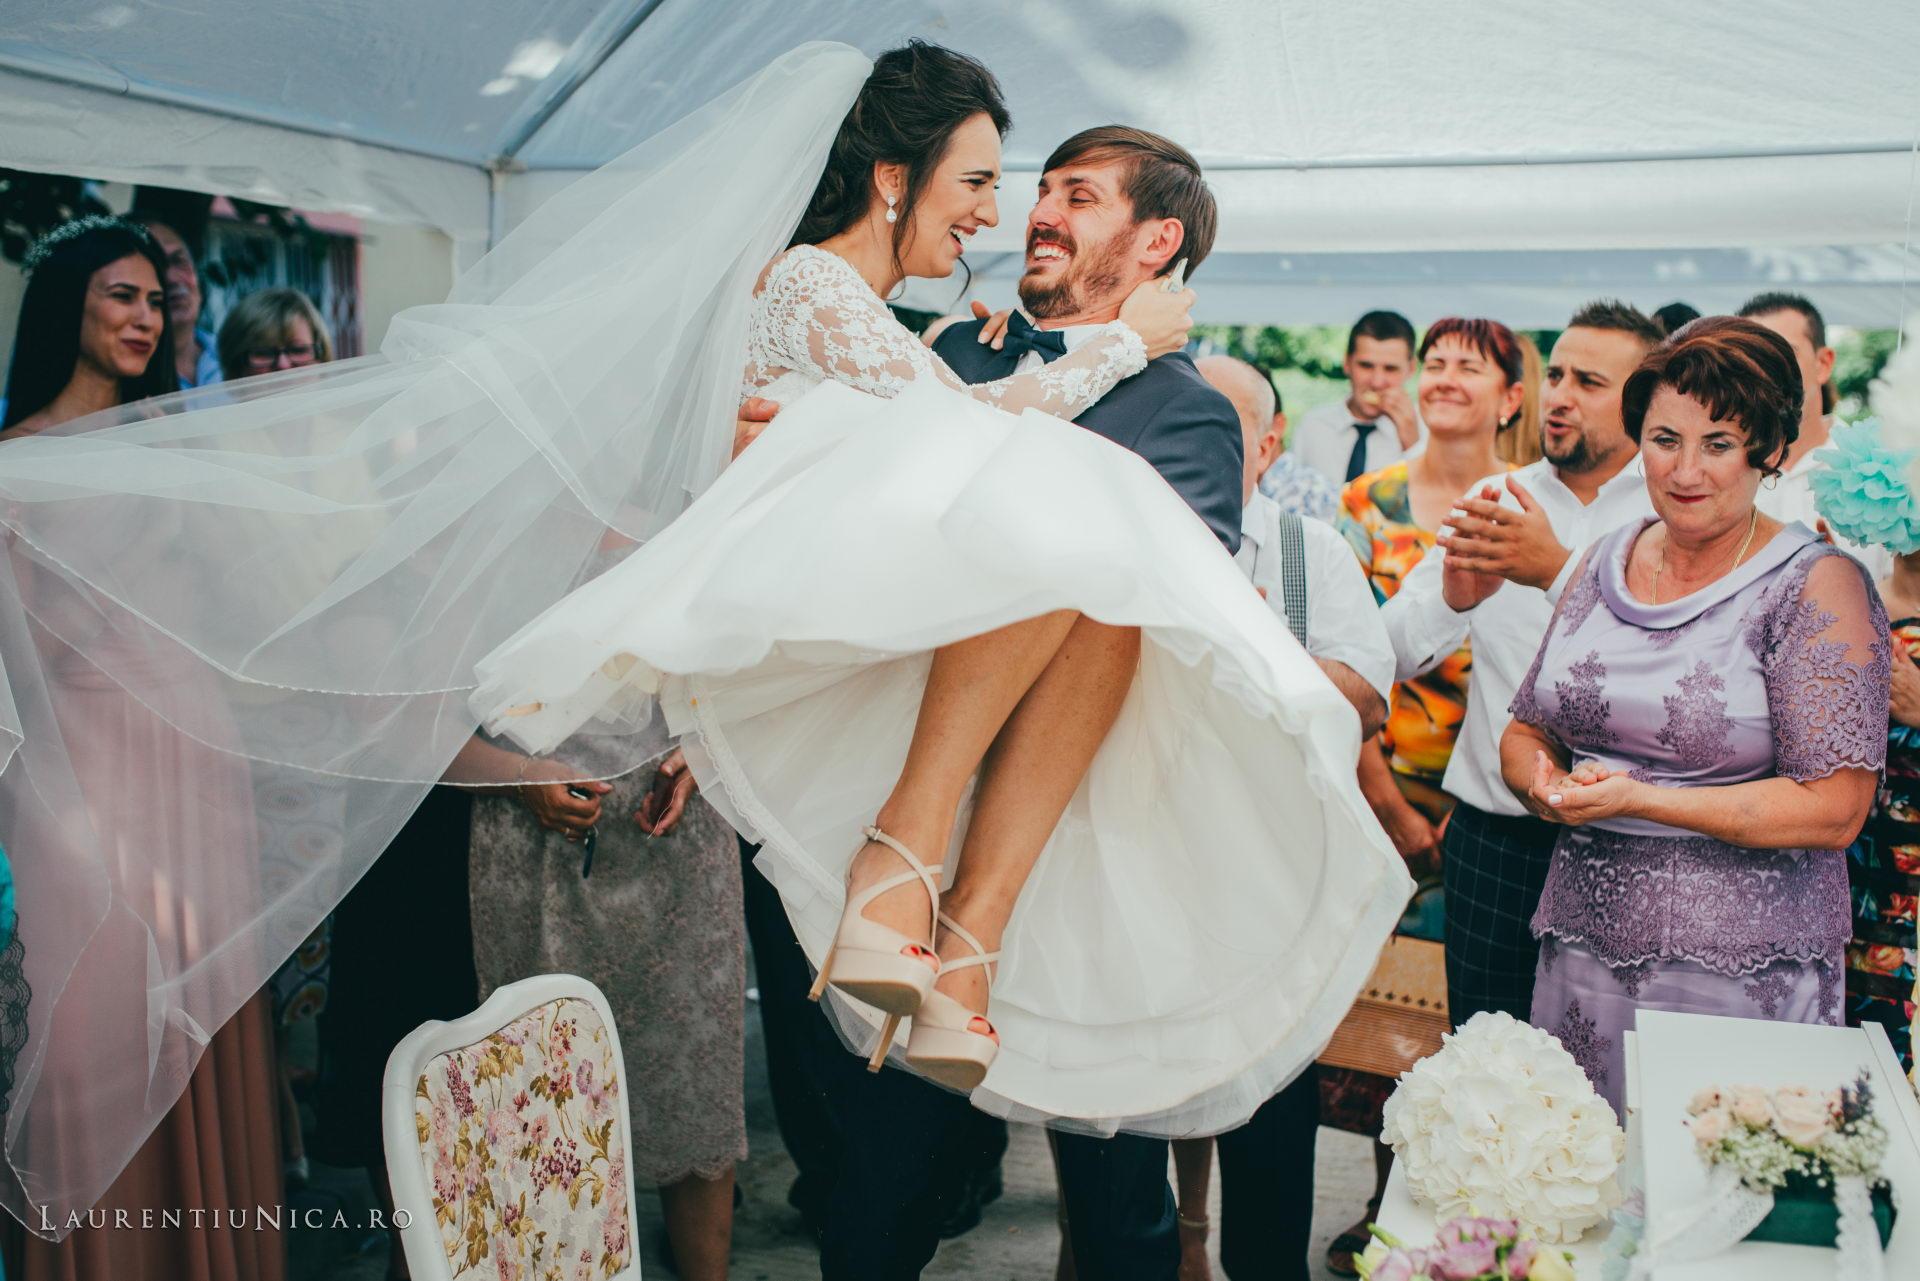 Cristina si Ovidiu nunta Craiova fotograf laurentiu nica 084 - Cristina & Ovidiu | Fotografii nunta | Craiova